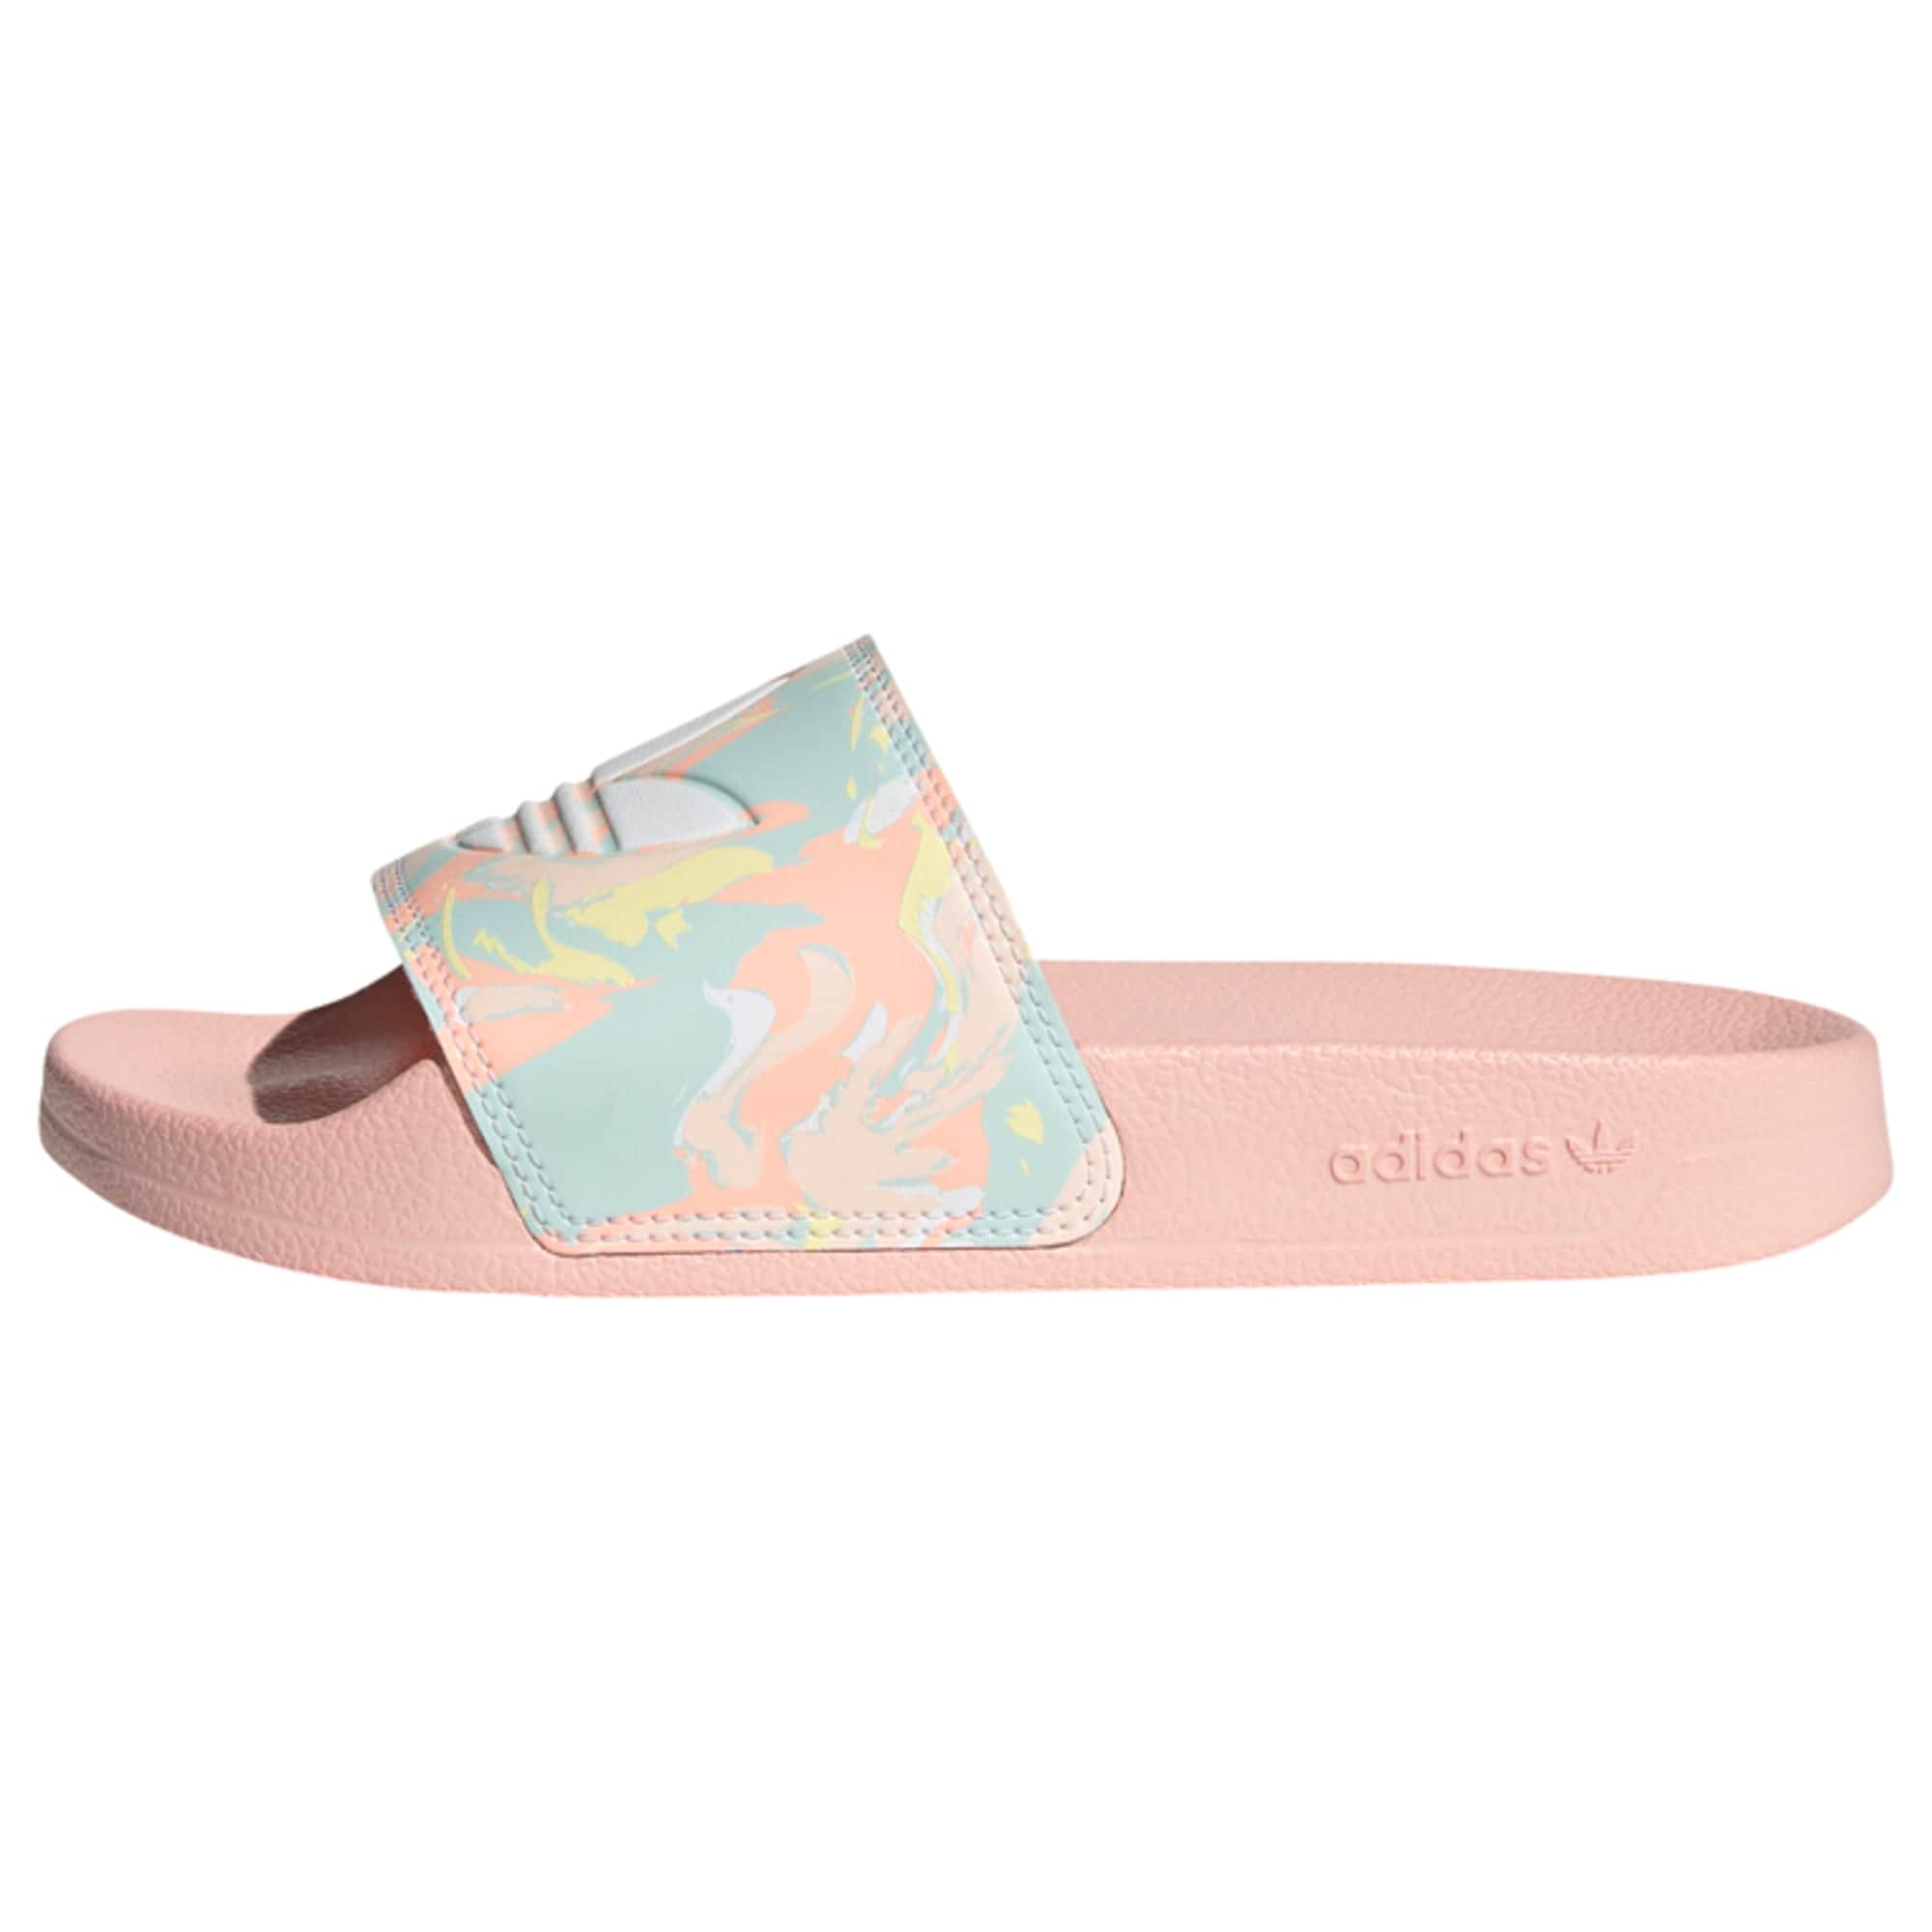 ADIDAS ORIGINALS Atviri batai rožių spalva / šviesiai mėlyna / koralų splava / šviesiai geltona